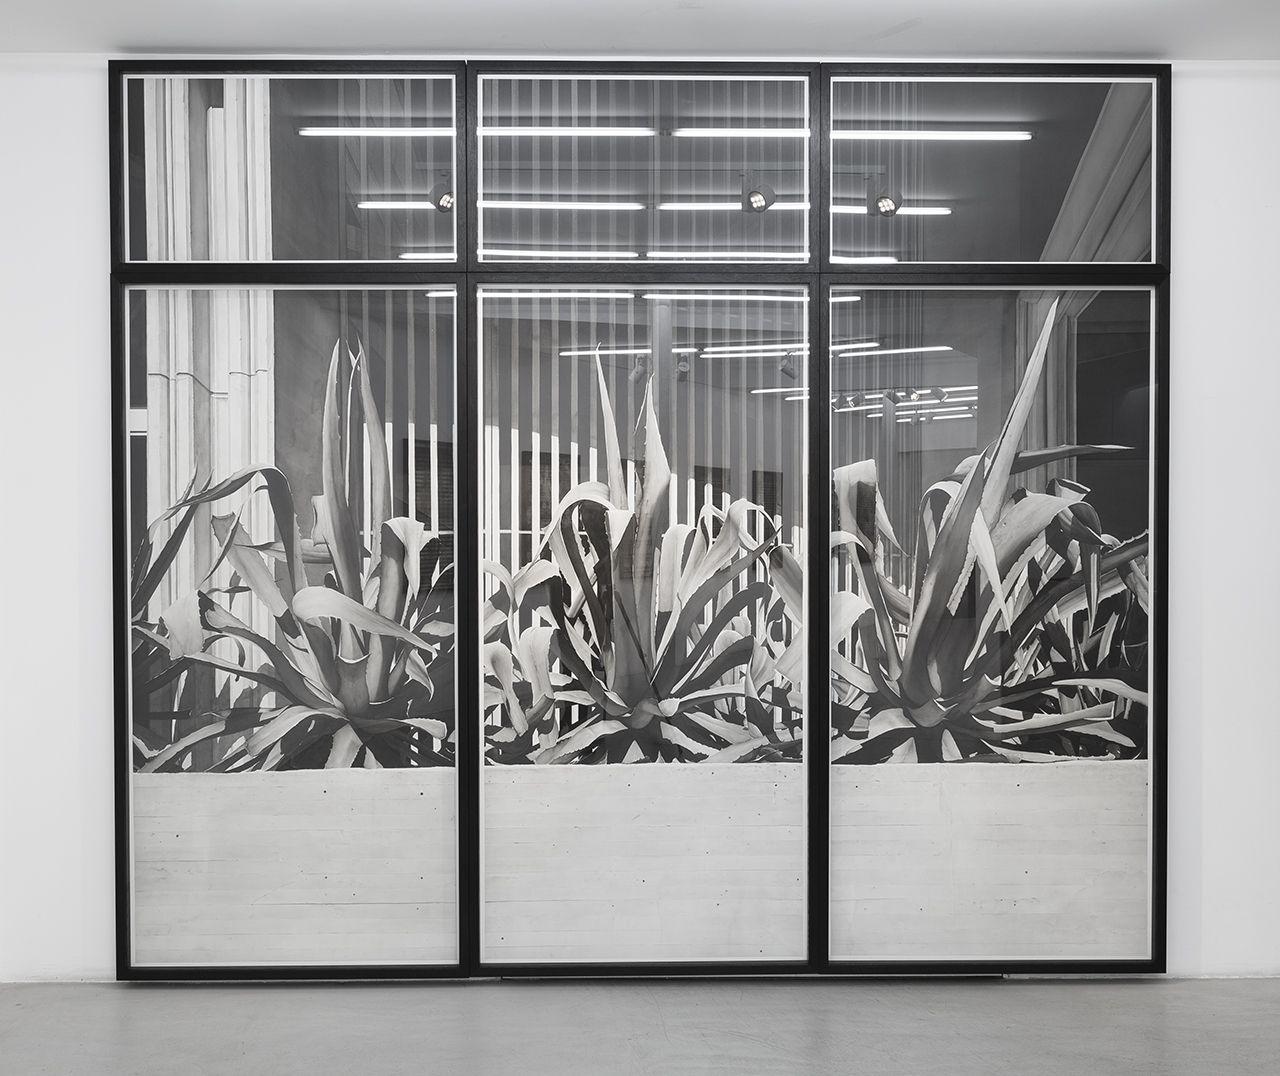 Justin Wieler, Madrid, 310×360, credit Théo Baulig, 2020